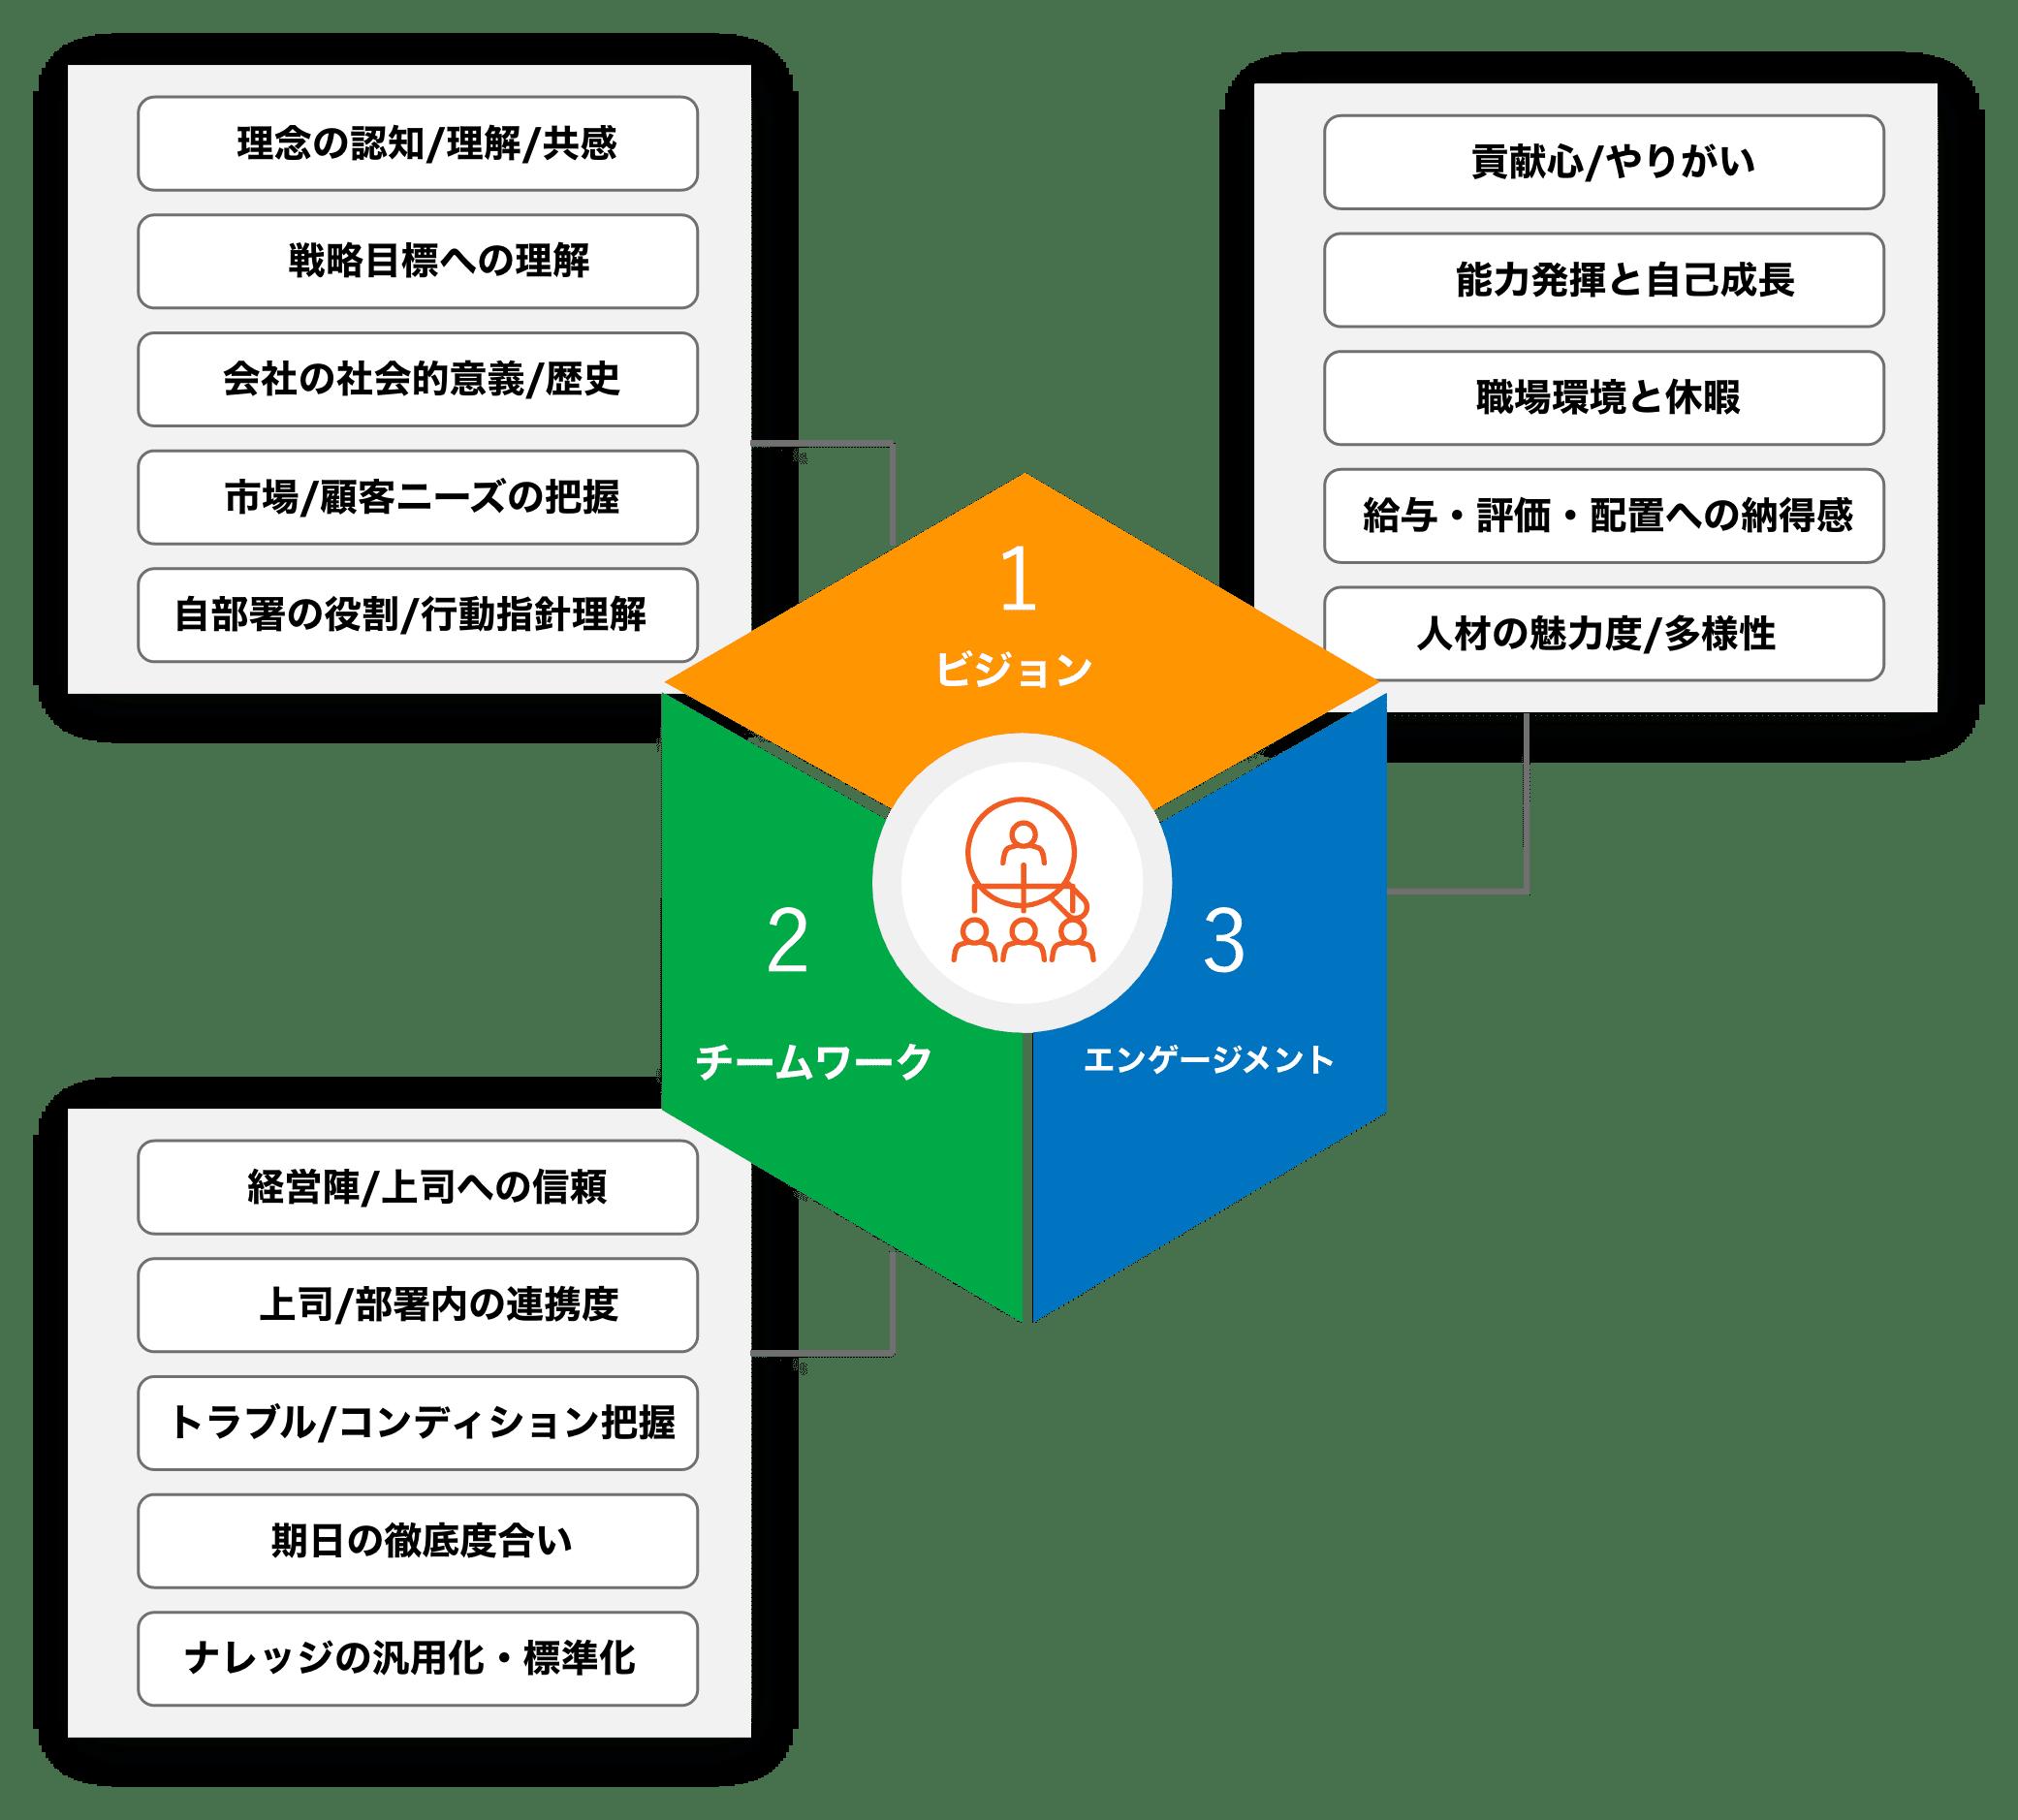 強固な組織に必要不可欠である「ビジョン浸透」「チームワーク」「エンゲージメント」の3つの指標と57項目